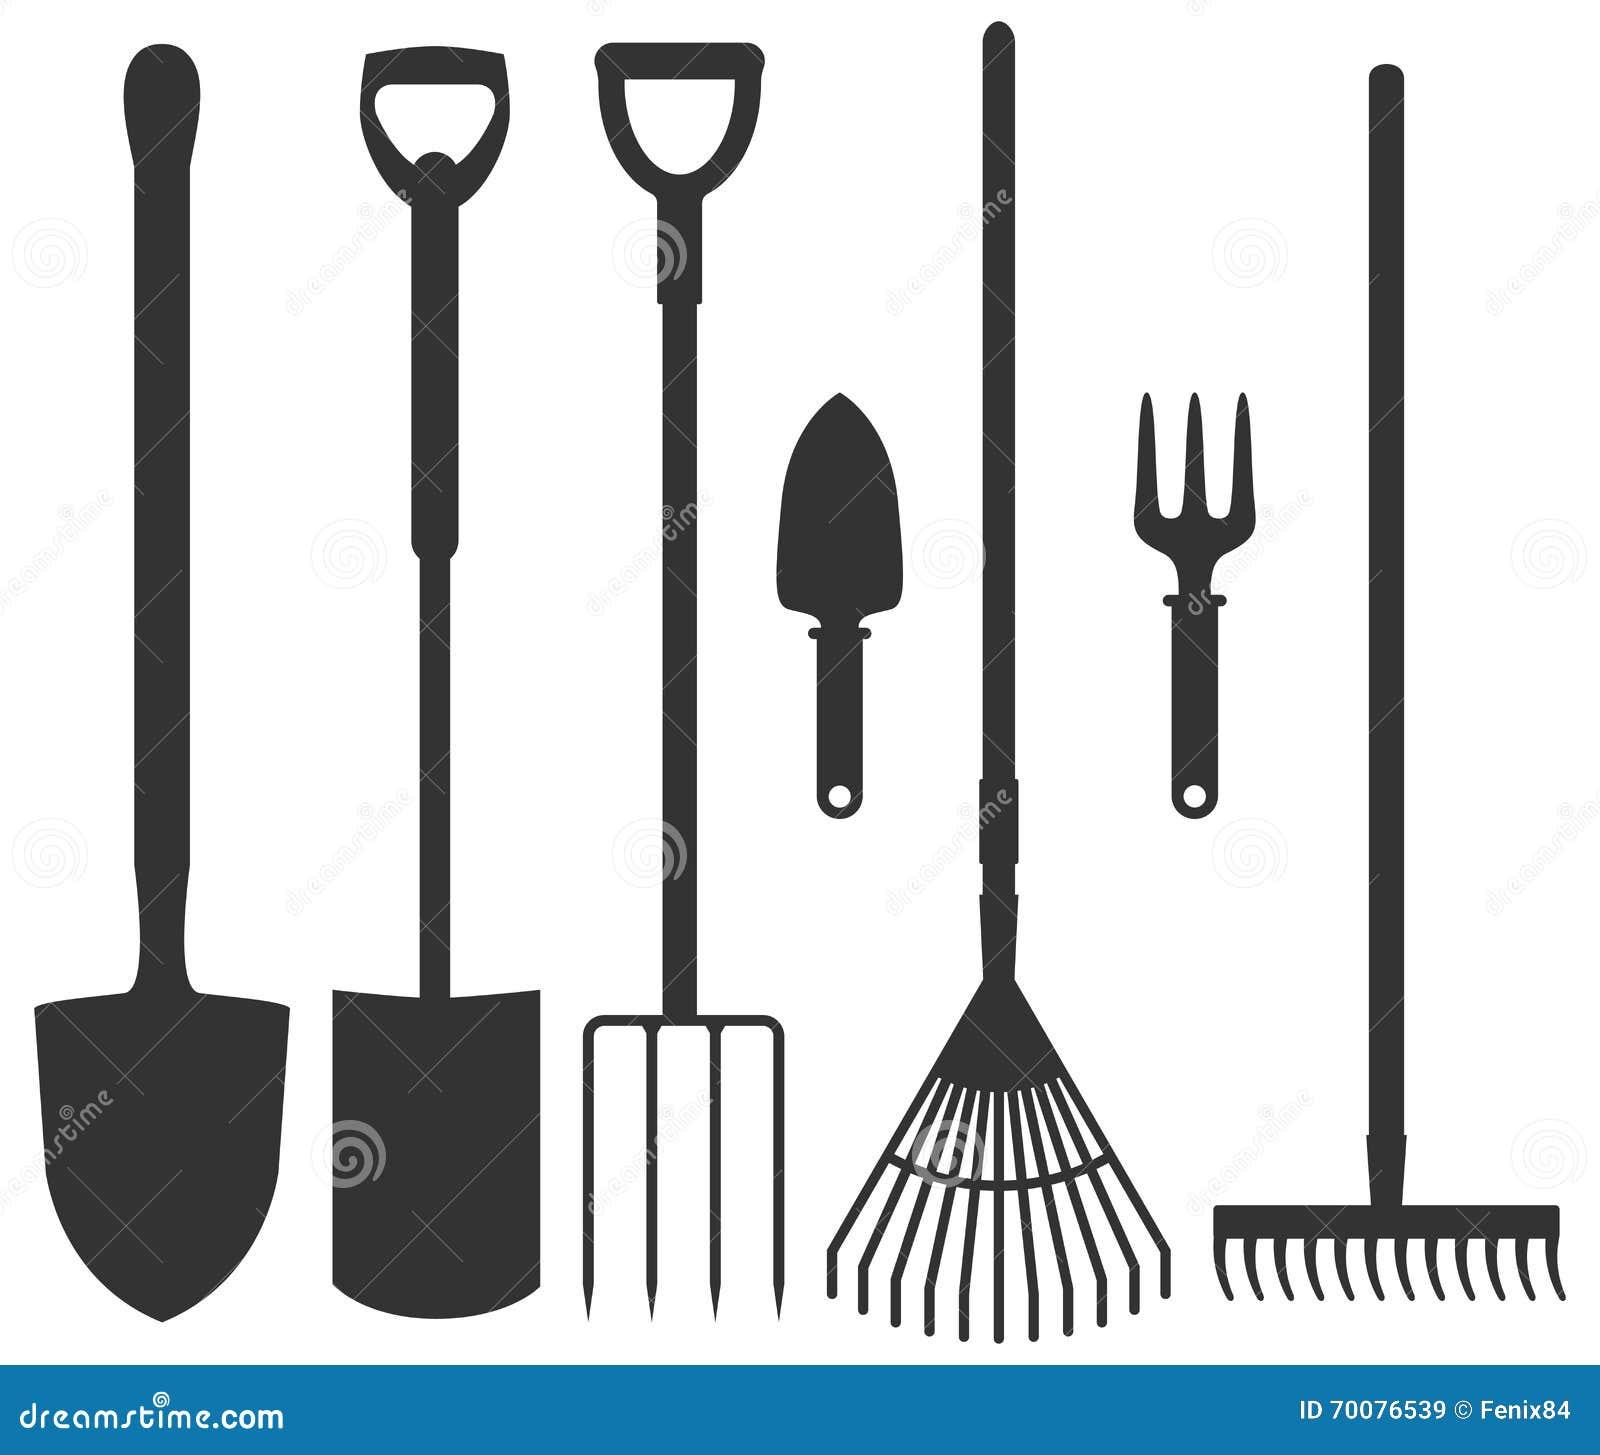 clipart garden tools - photo #27